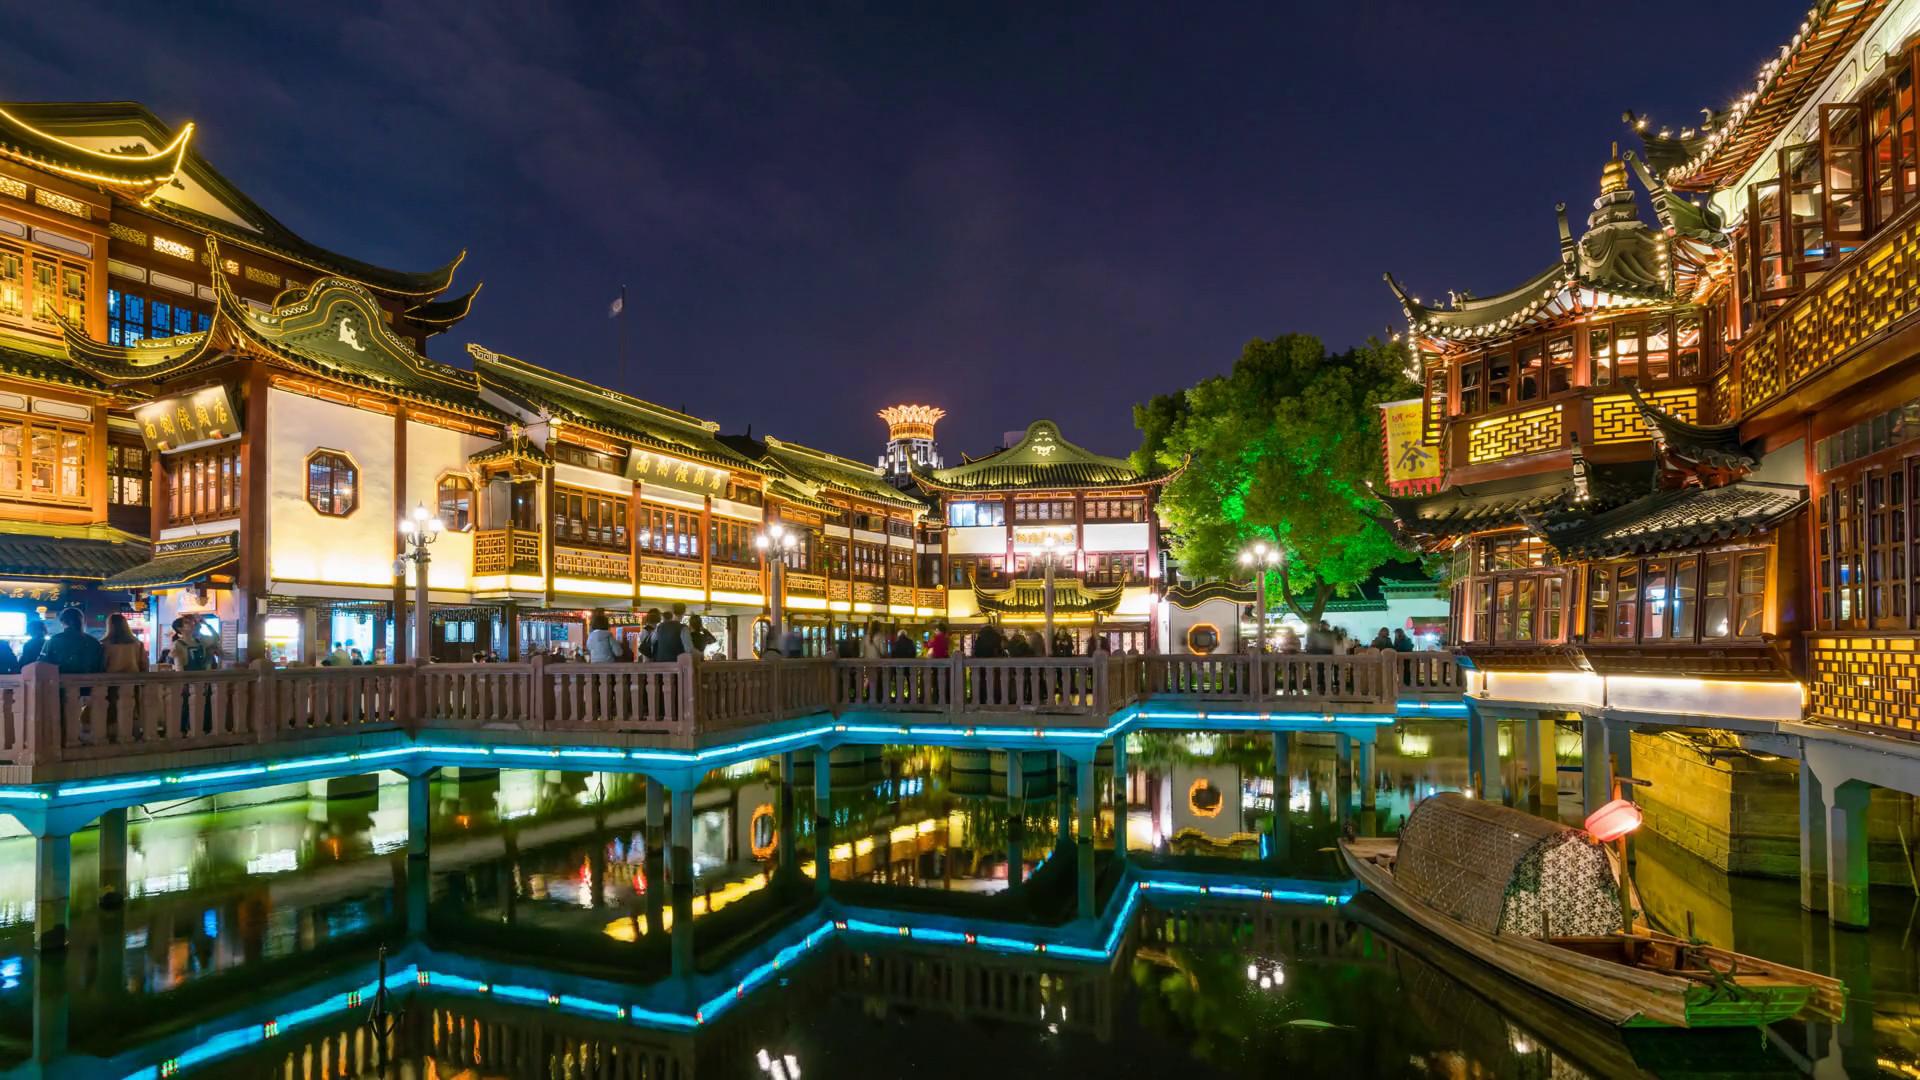 Hành trình du lịch tìm hiểu và khám phá nét đẹp muôn màu bến Thượng Hải - ảnh 4